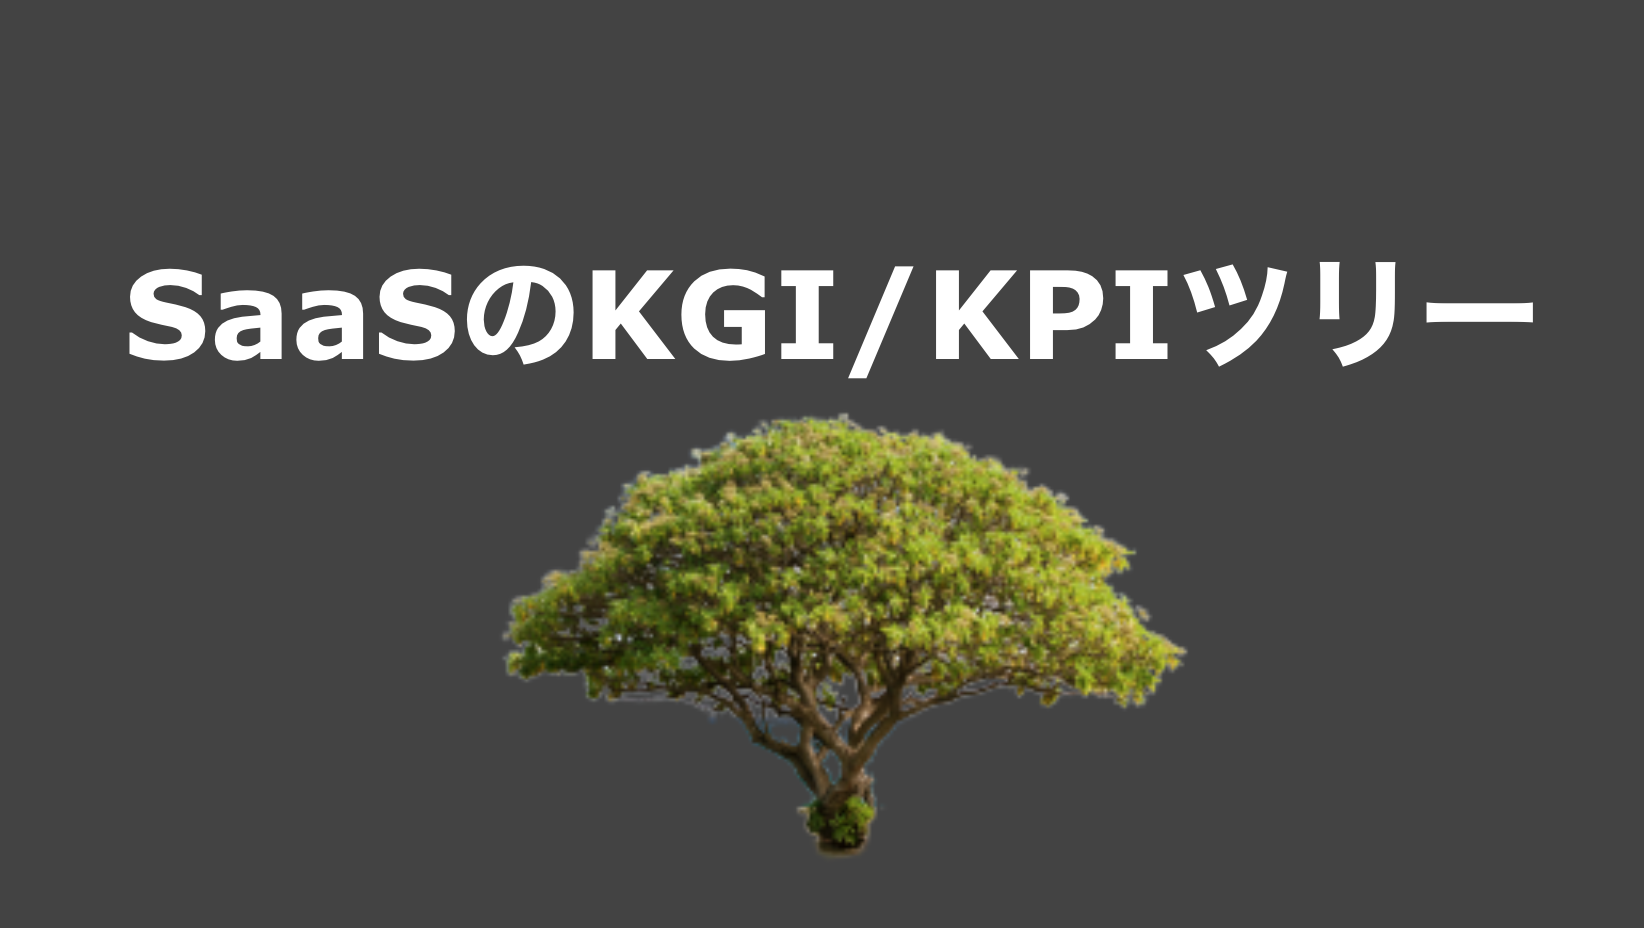 saaslife_SaaSのKGIKPIツリー